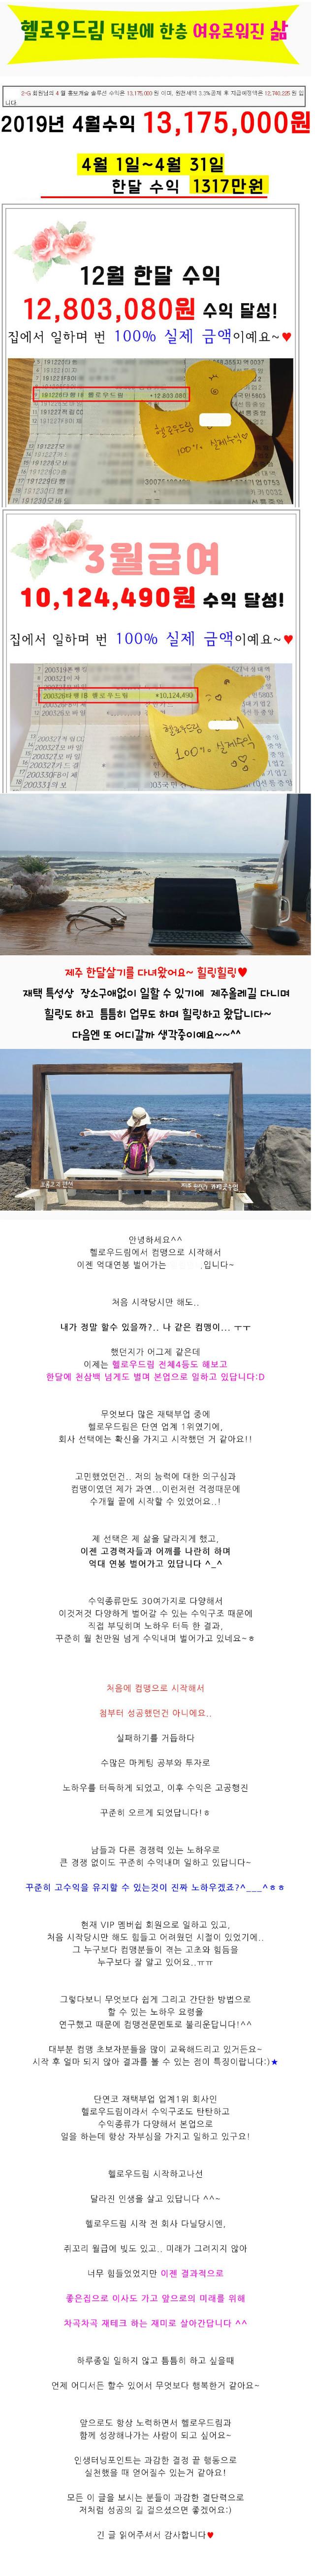 김경현2-GV(엘린언니).jpg